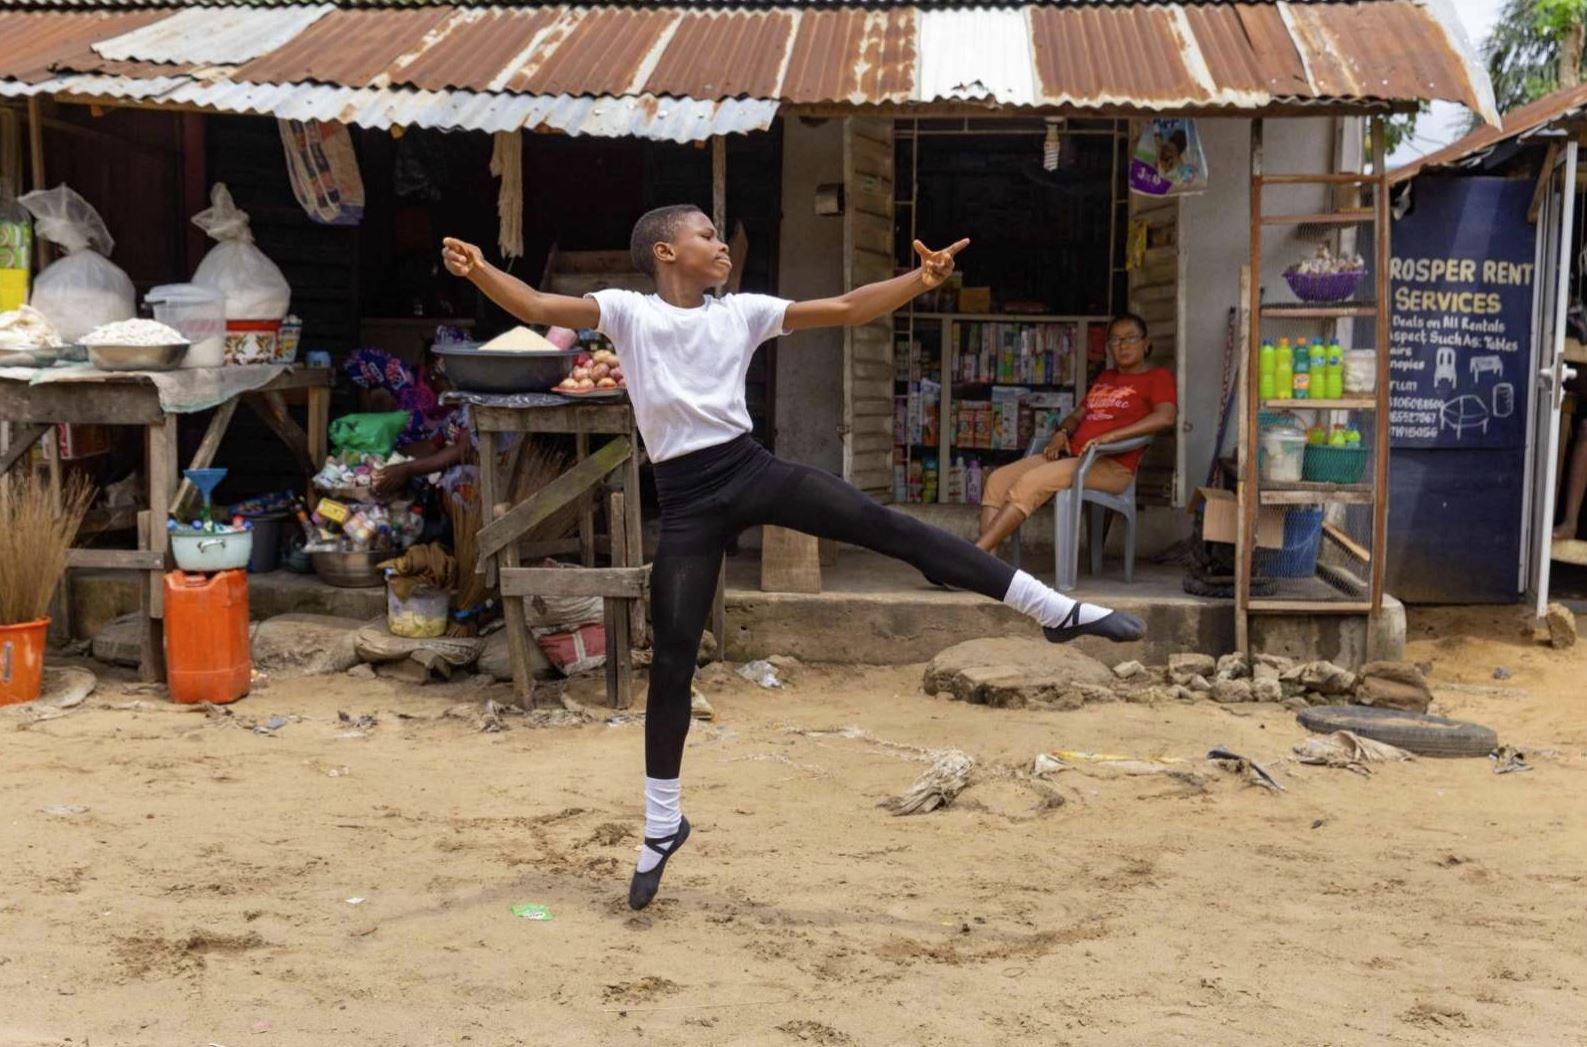 ¡Qué talento! Niño nigeriano gana beca de una escuela de ballet en Nueva York por un video viral